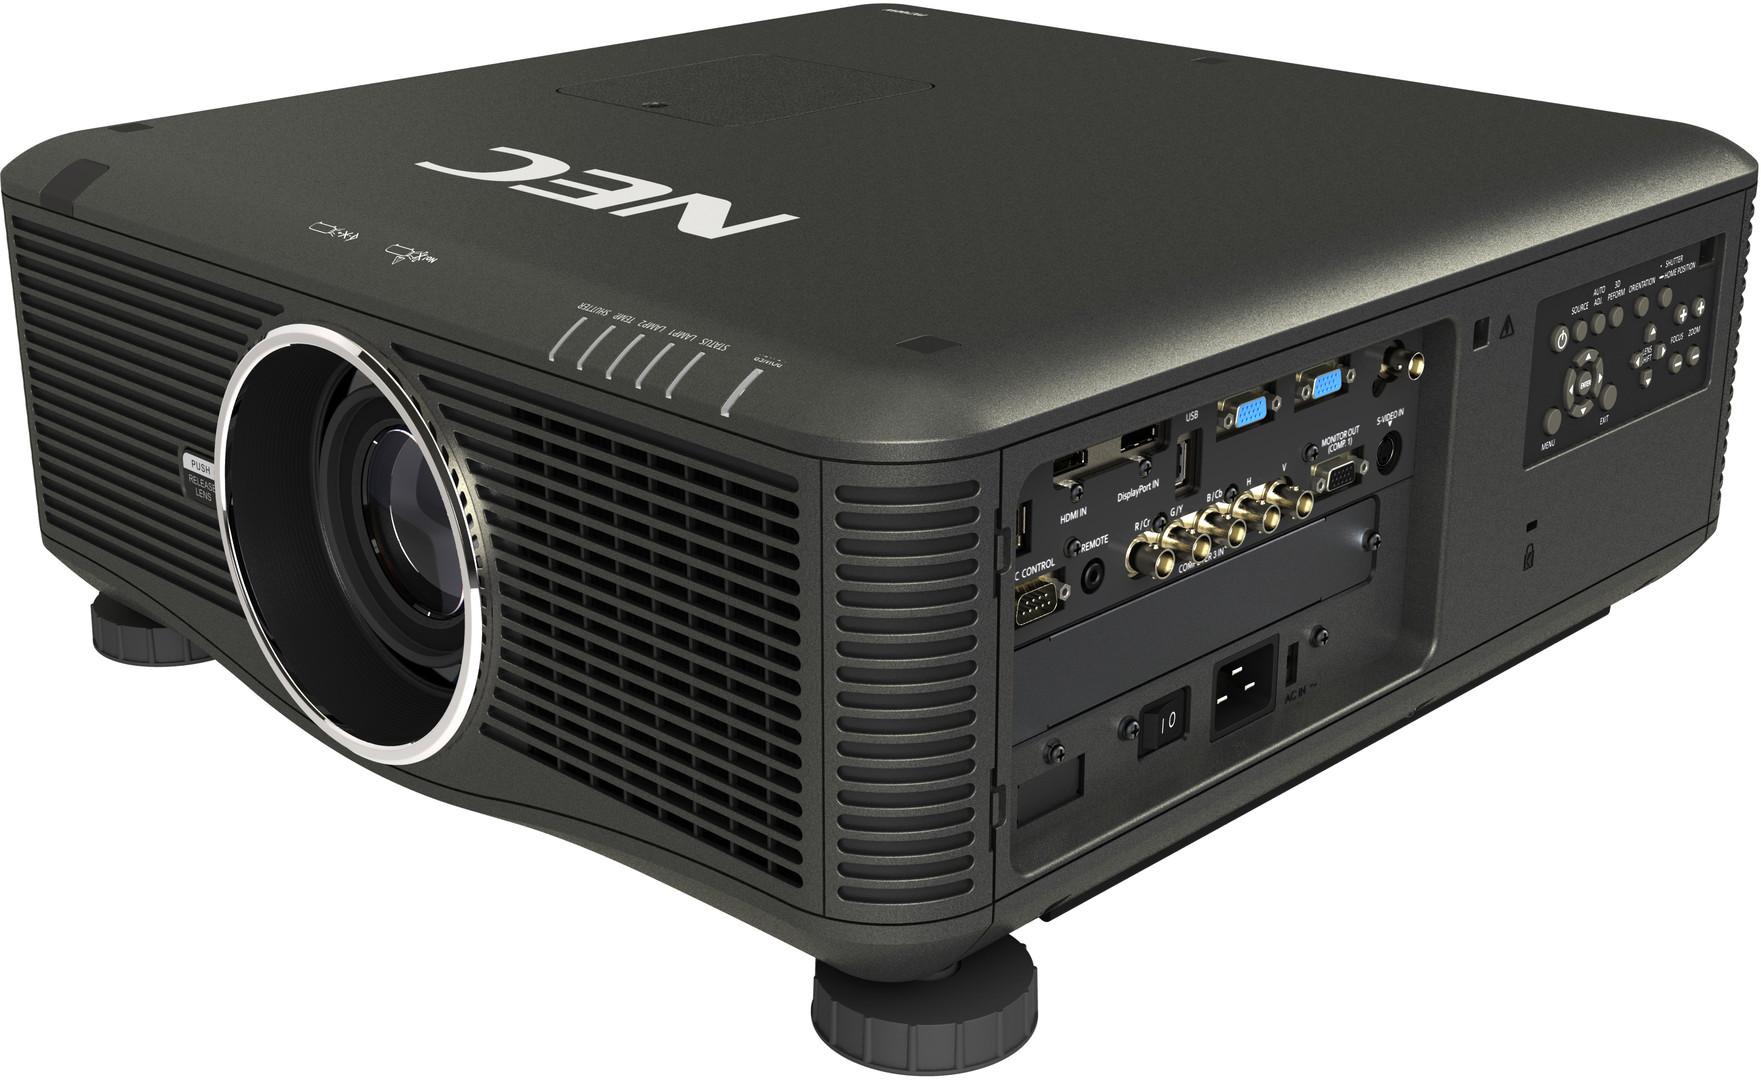 NEC PX-800X